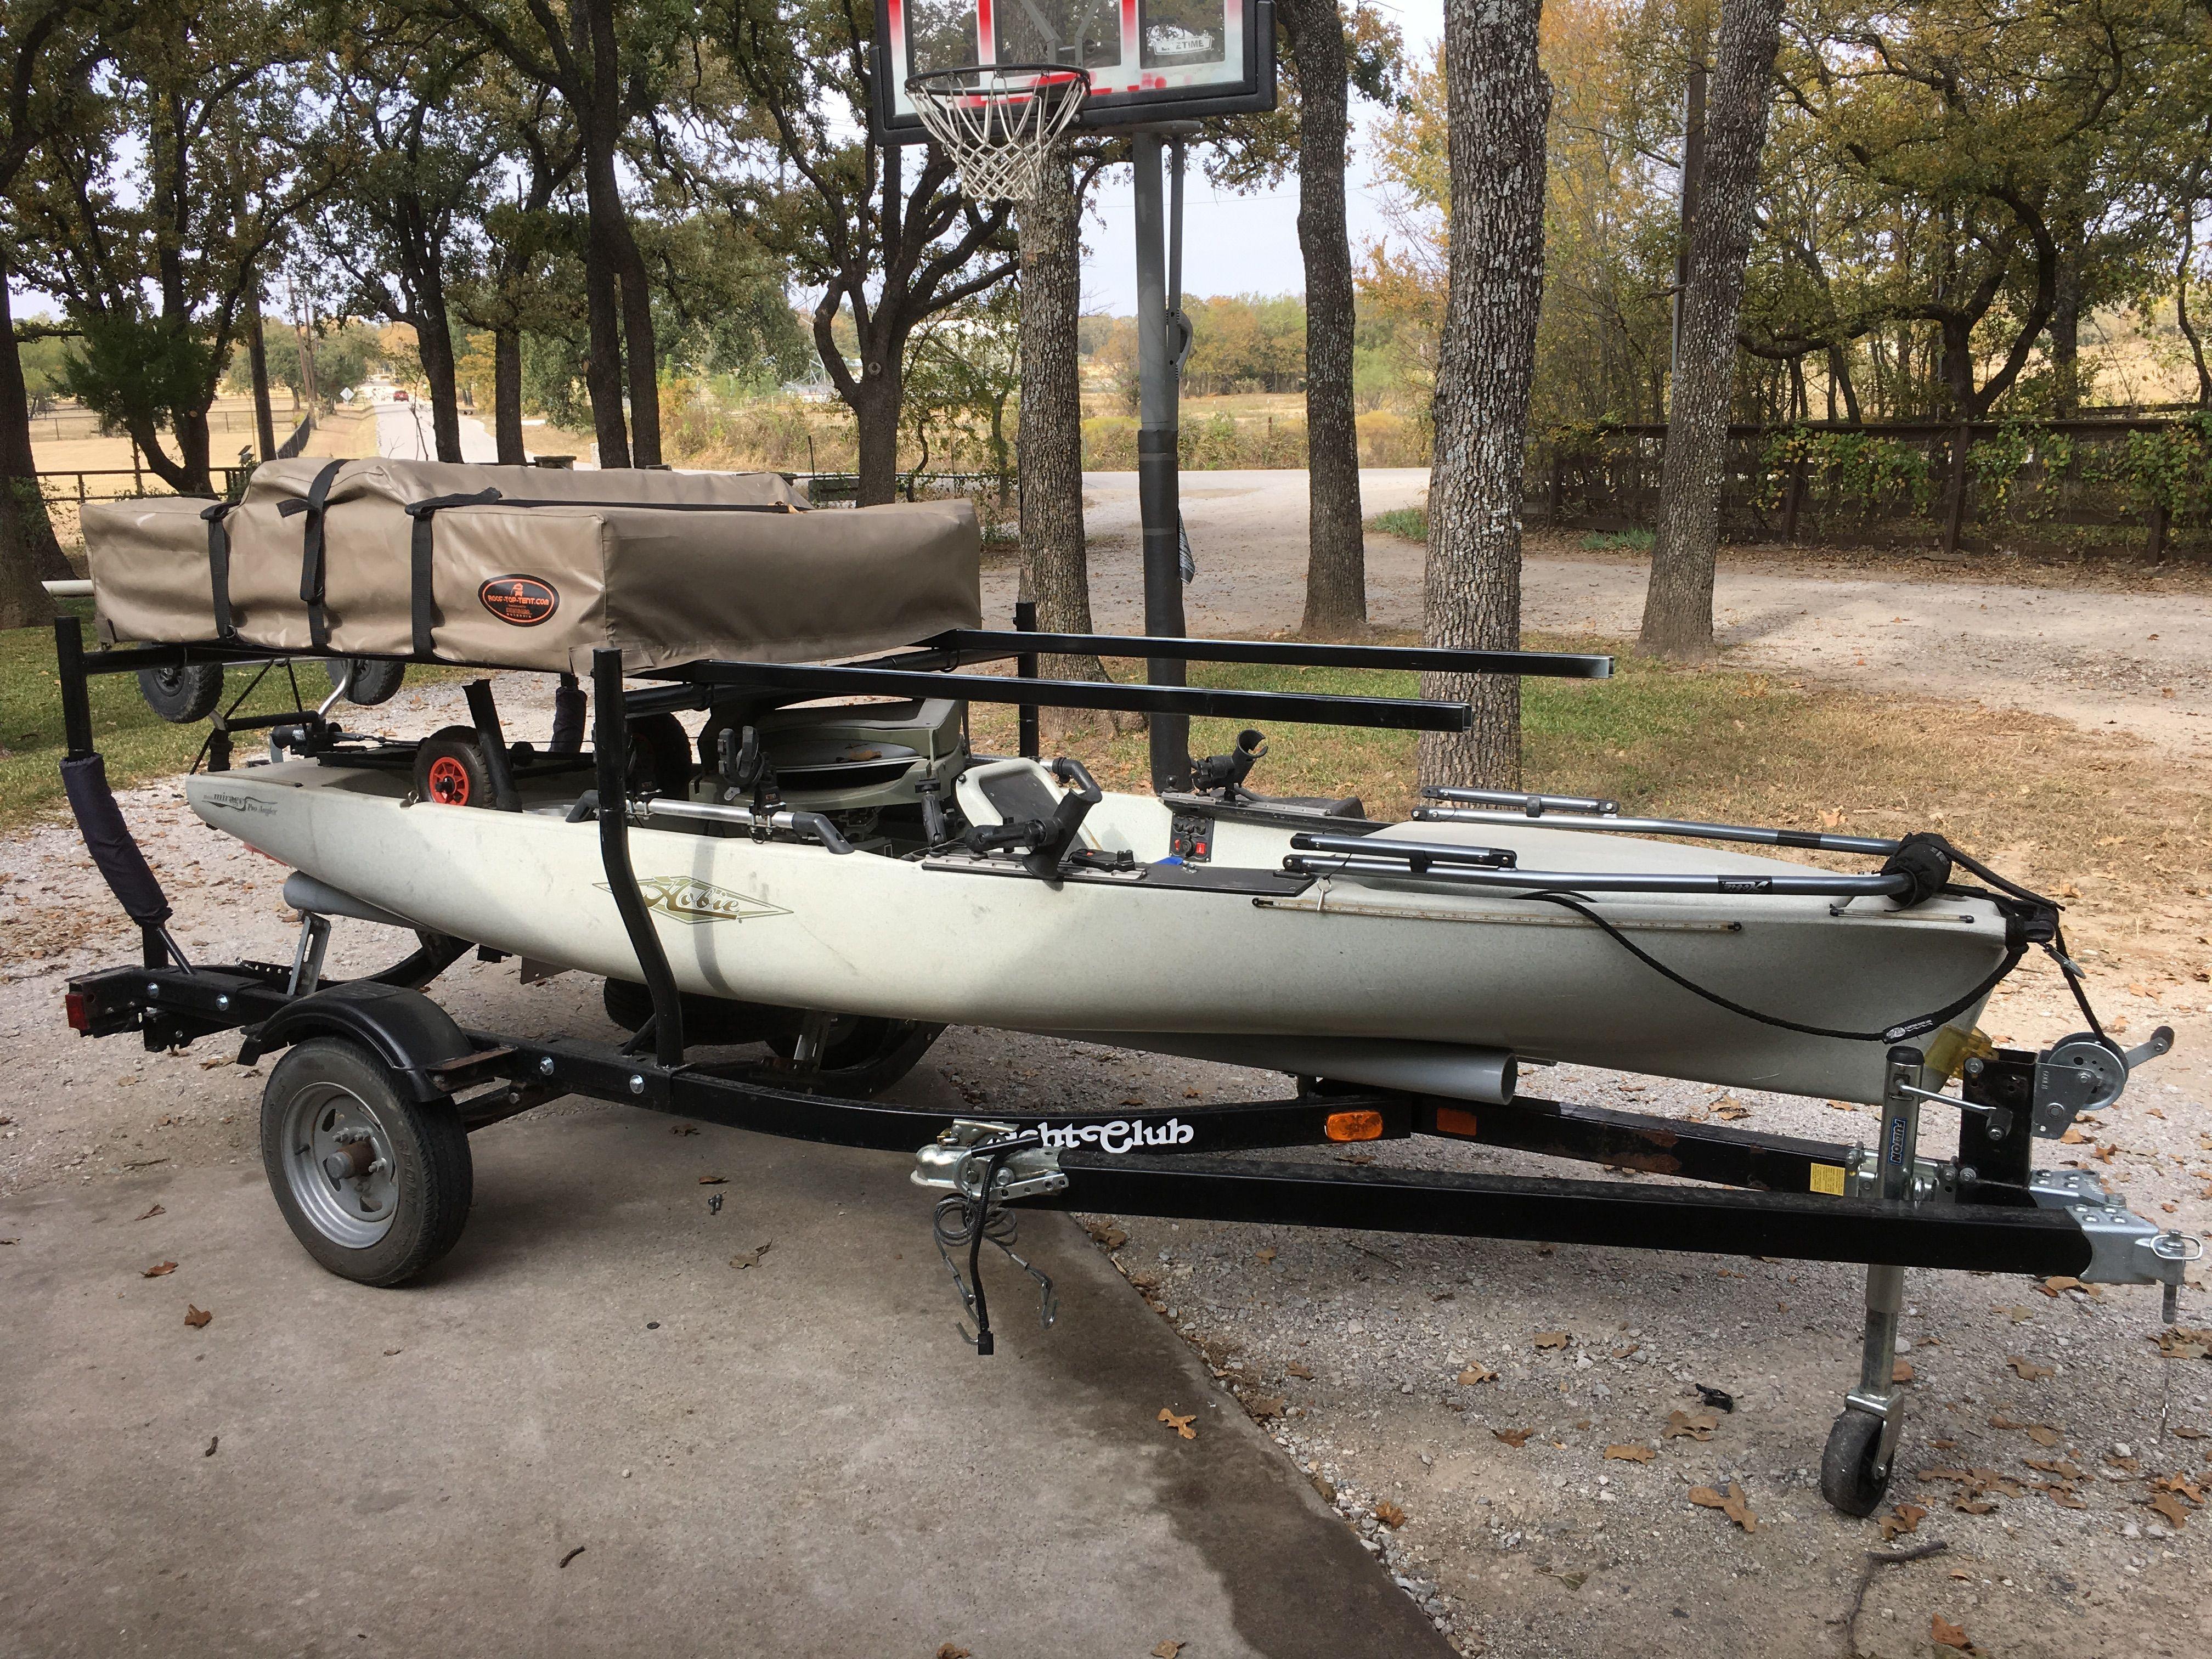 Pin By Dale Kildal On Kayak Roof Top Tent Rtt Kayak Trailer Kayaking Gear Kayak Fishing